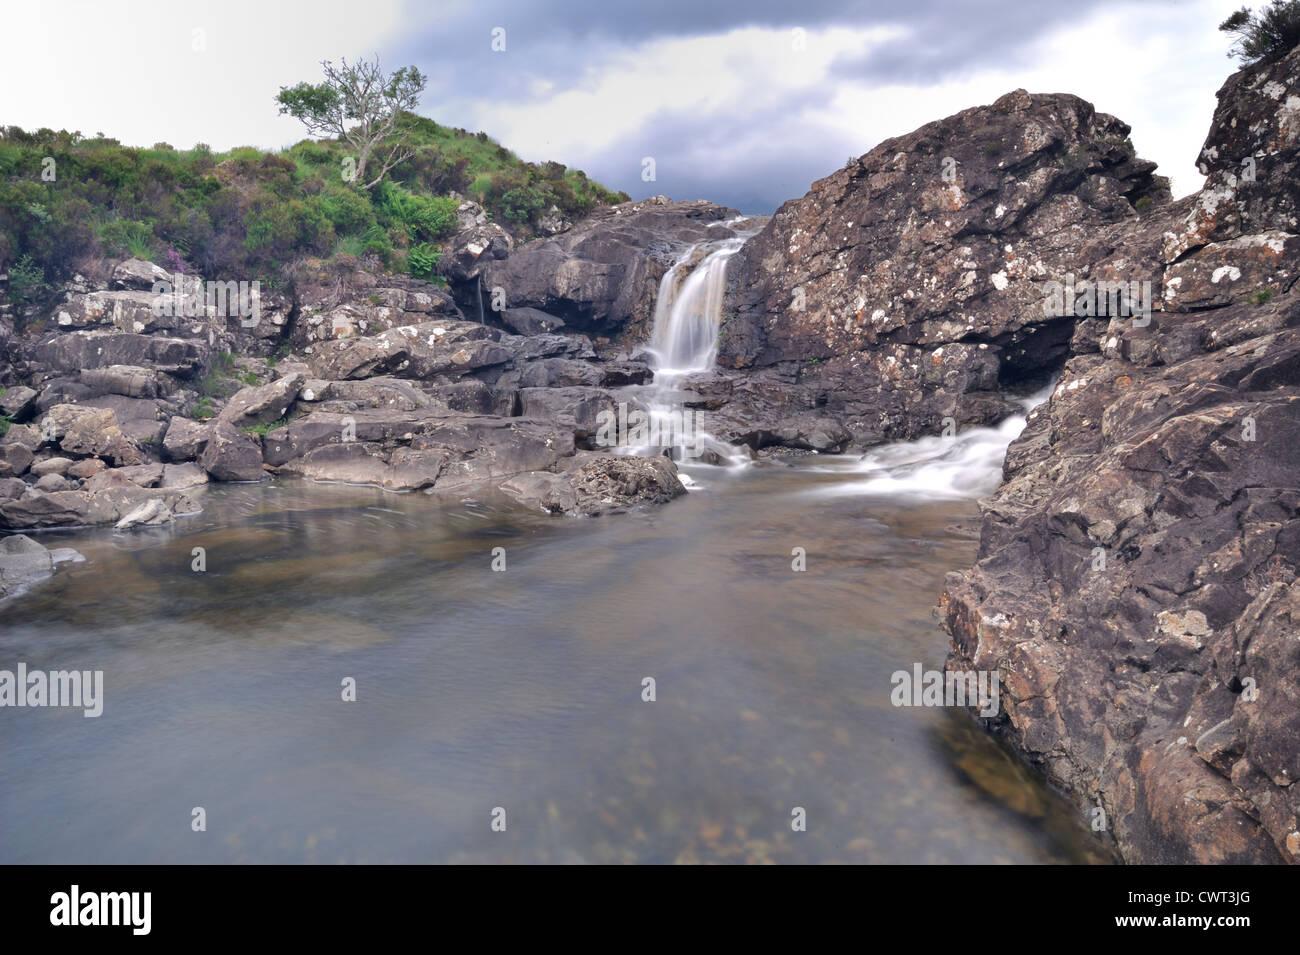 Schnell fließenden Fluss mit Wasserfall im Hintergrund Stockbild